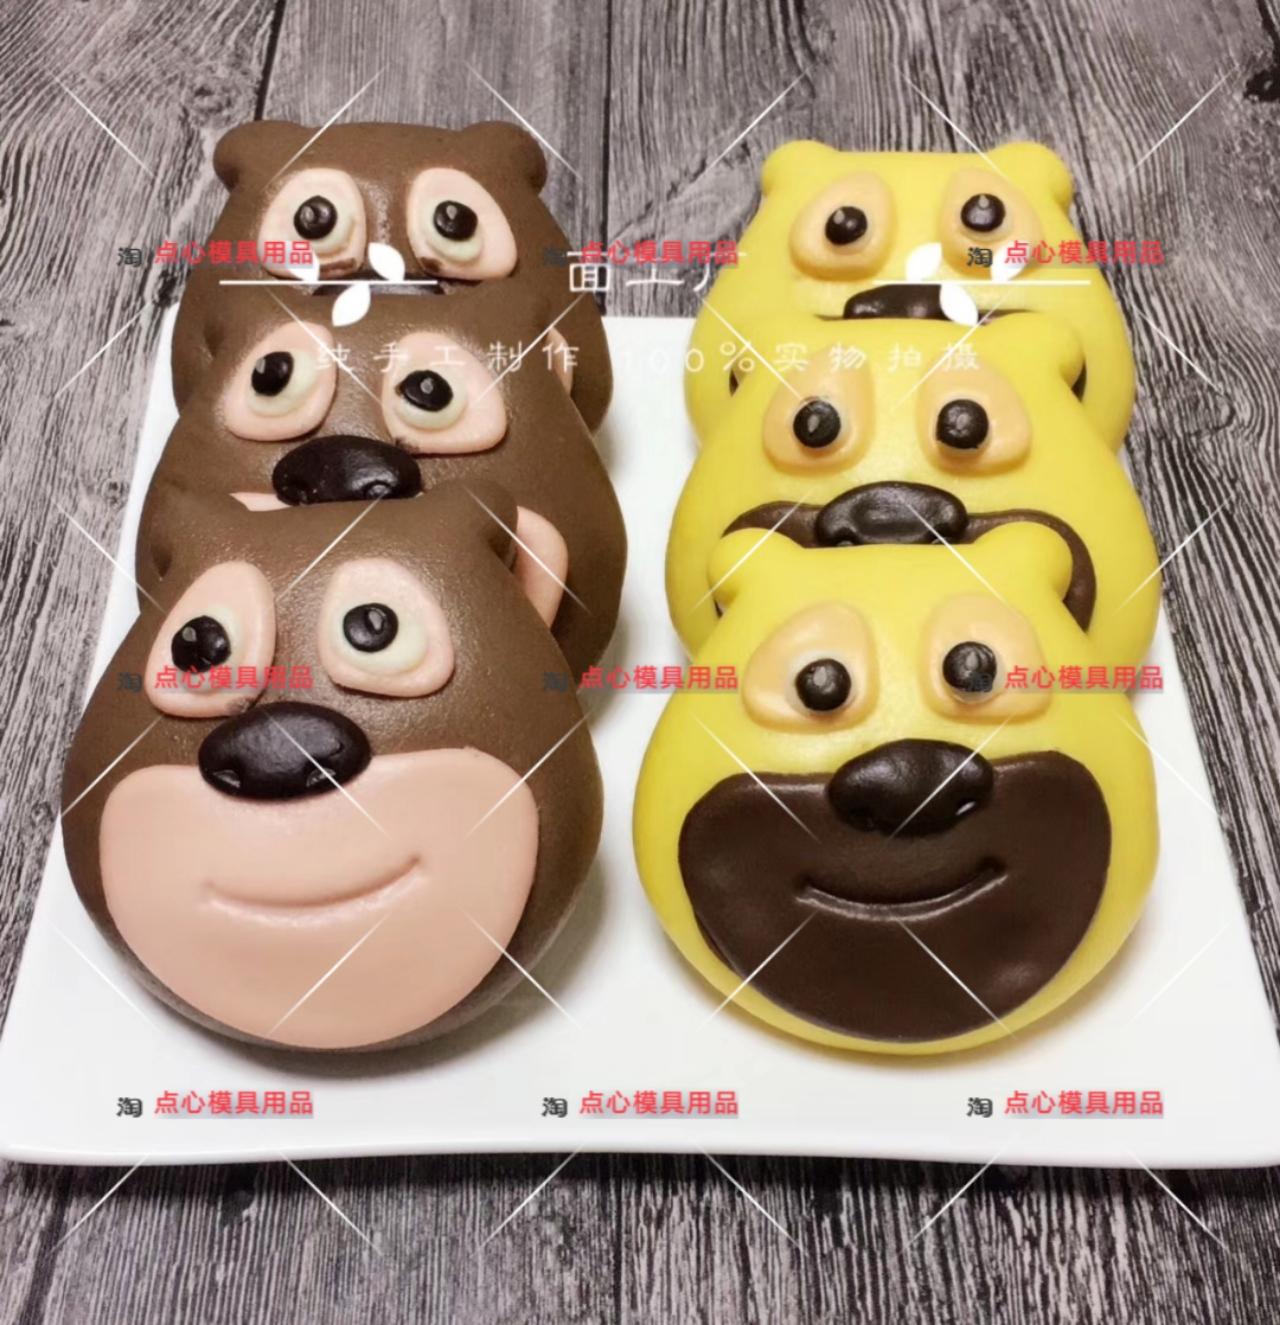 辅食馒头面食儿童花式卡通人物点心果蔬馒头熊大熊二系列制作模具